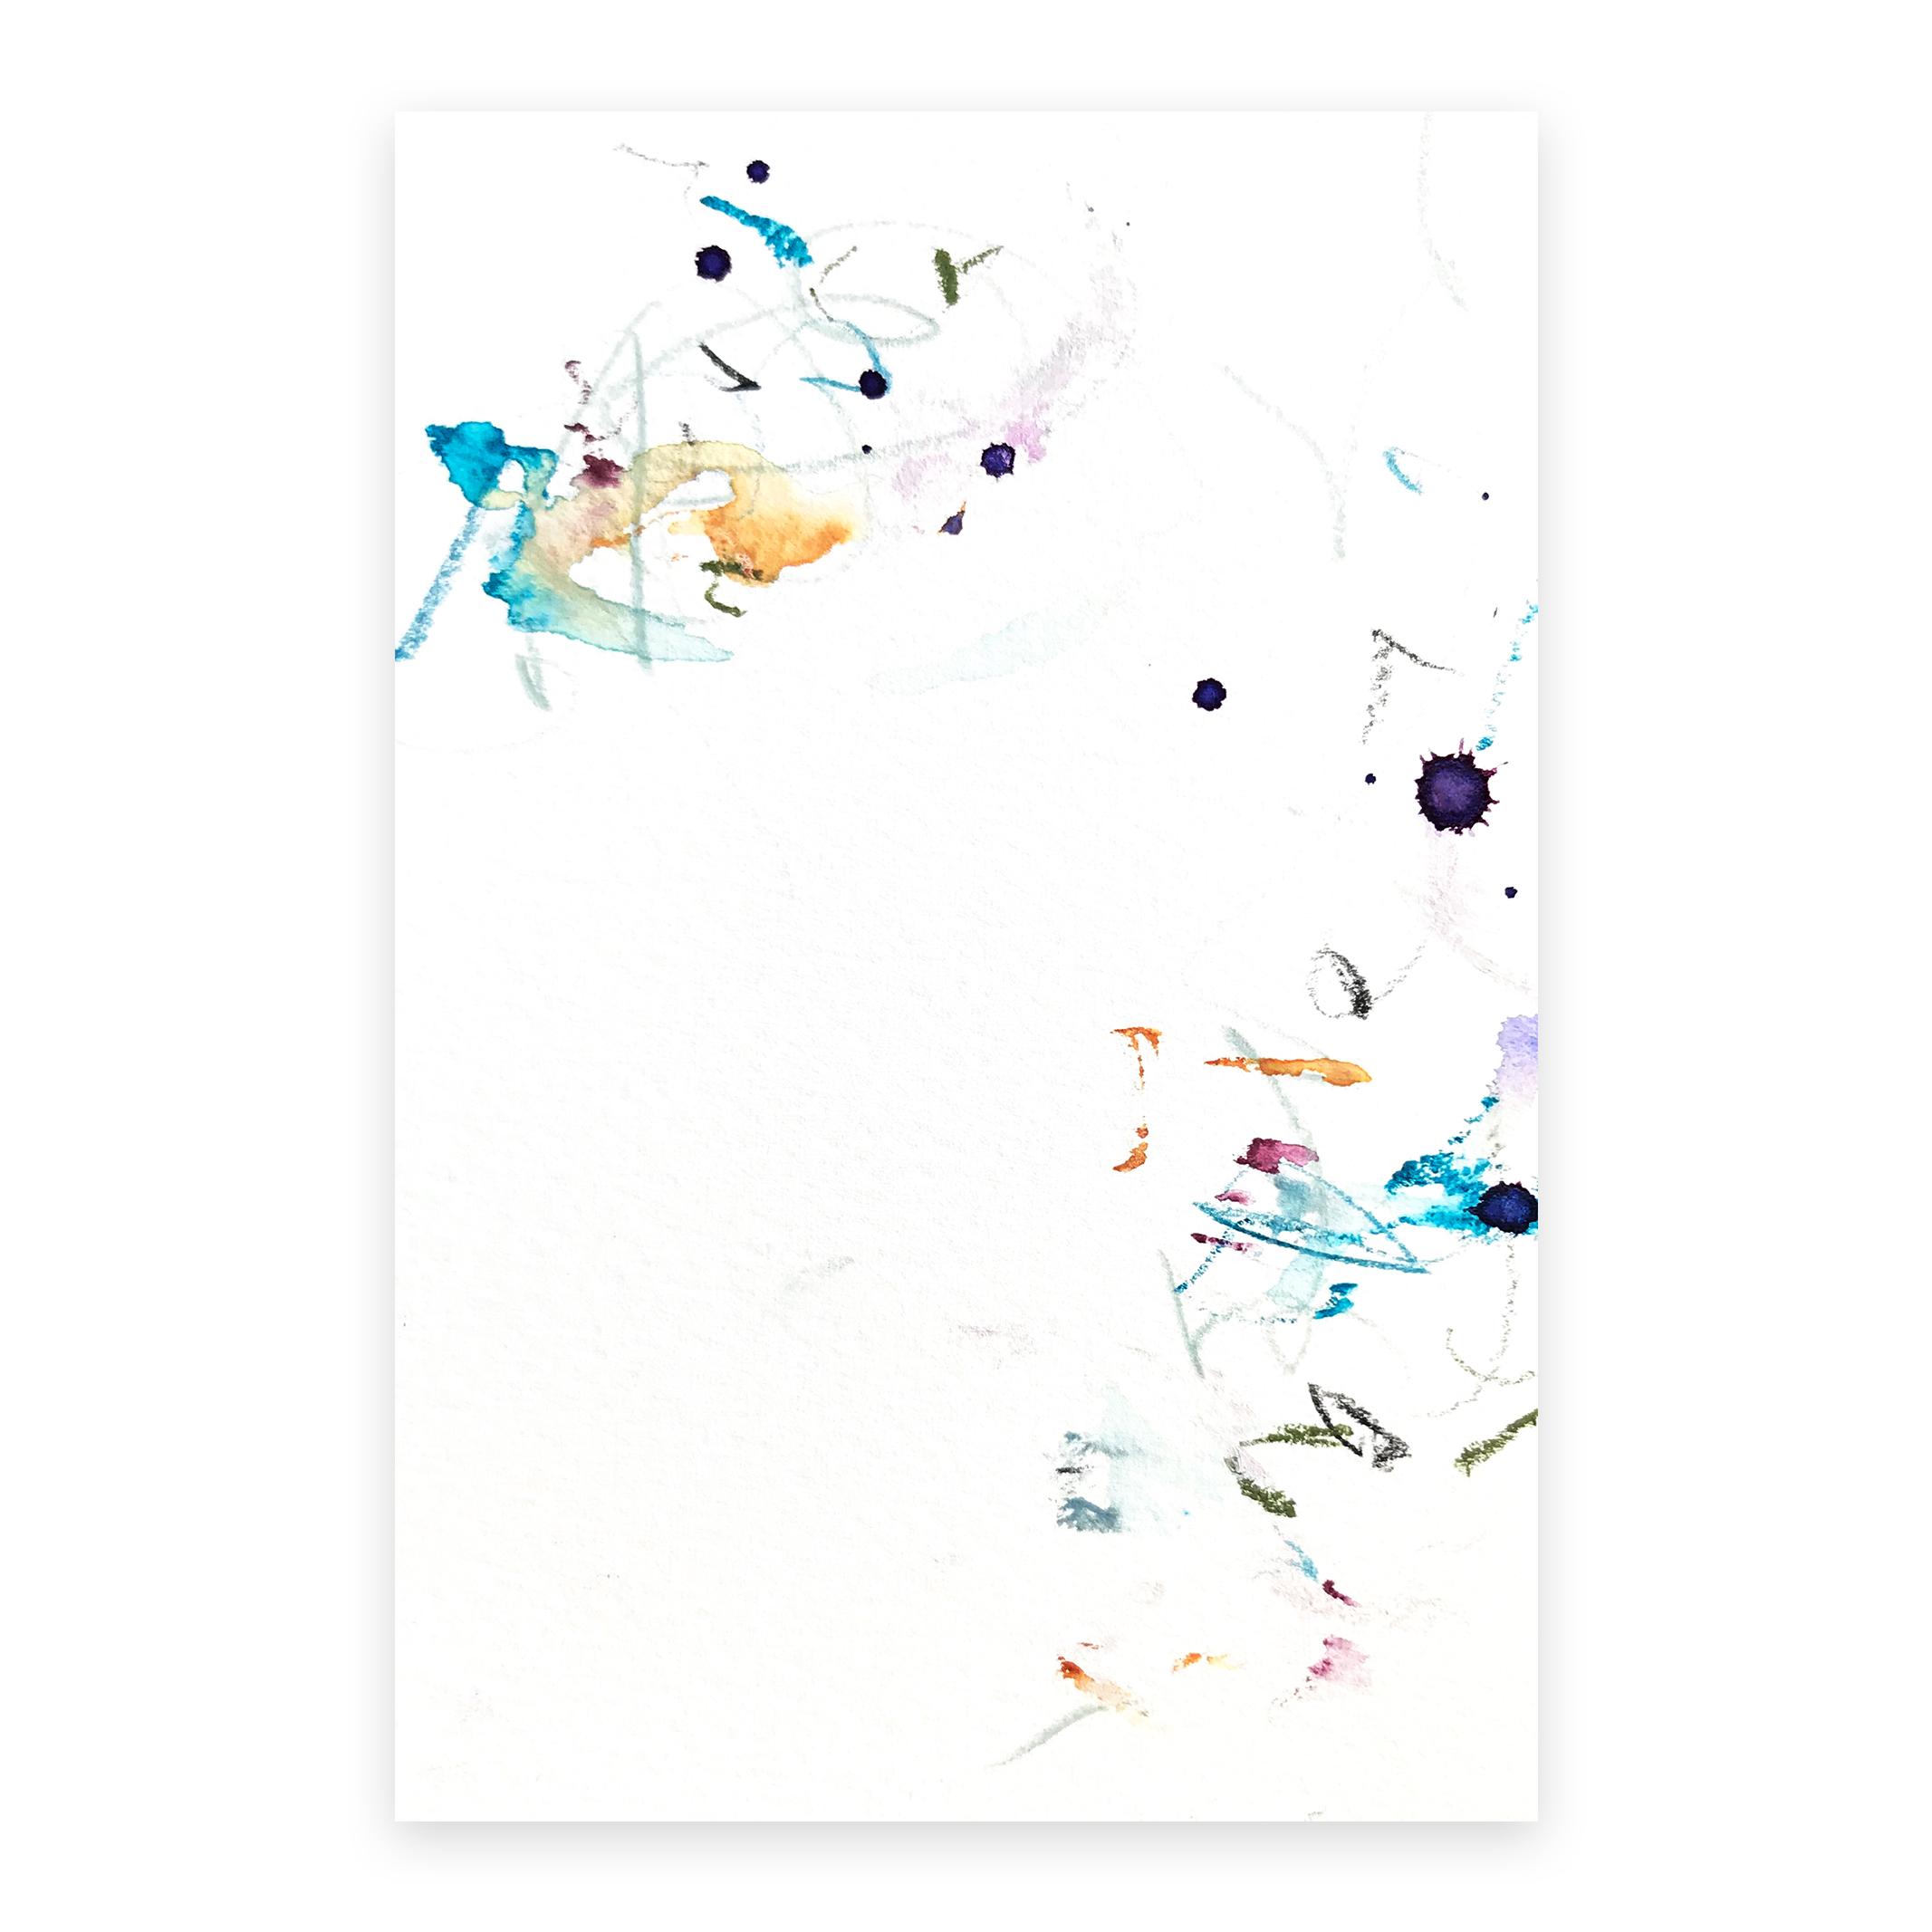 dd_nov14181  Mixed media on paper 14.8×10cm